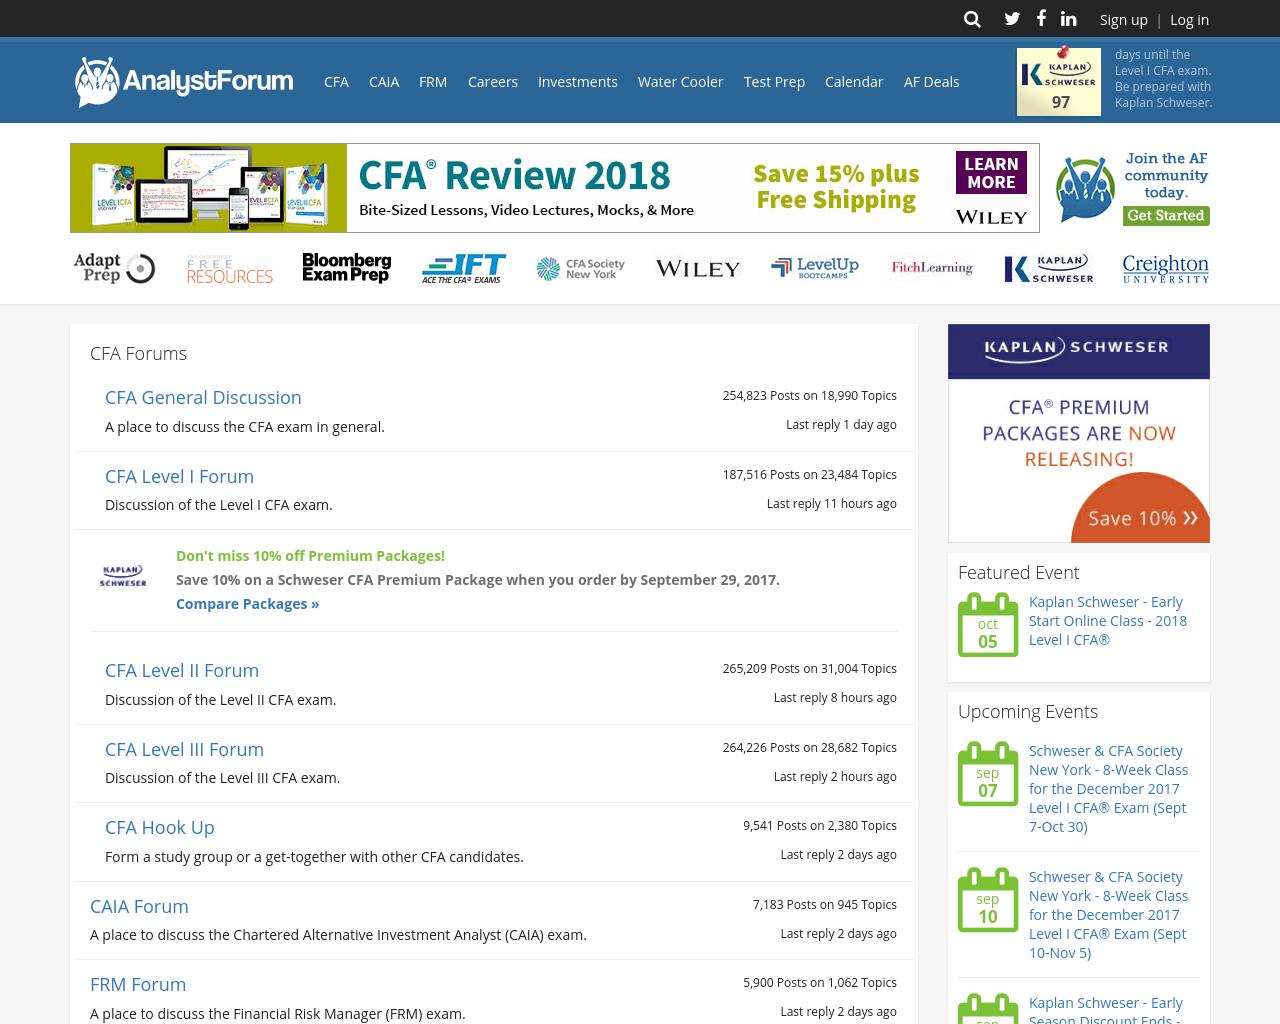 AnalystForum-Advertising-Reviews-Pricing